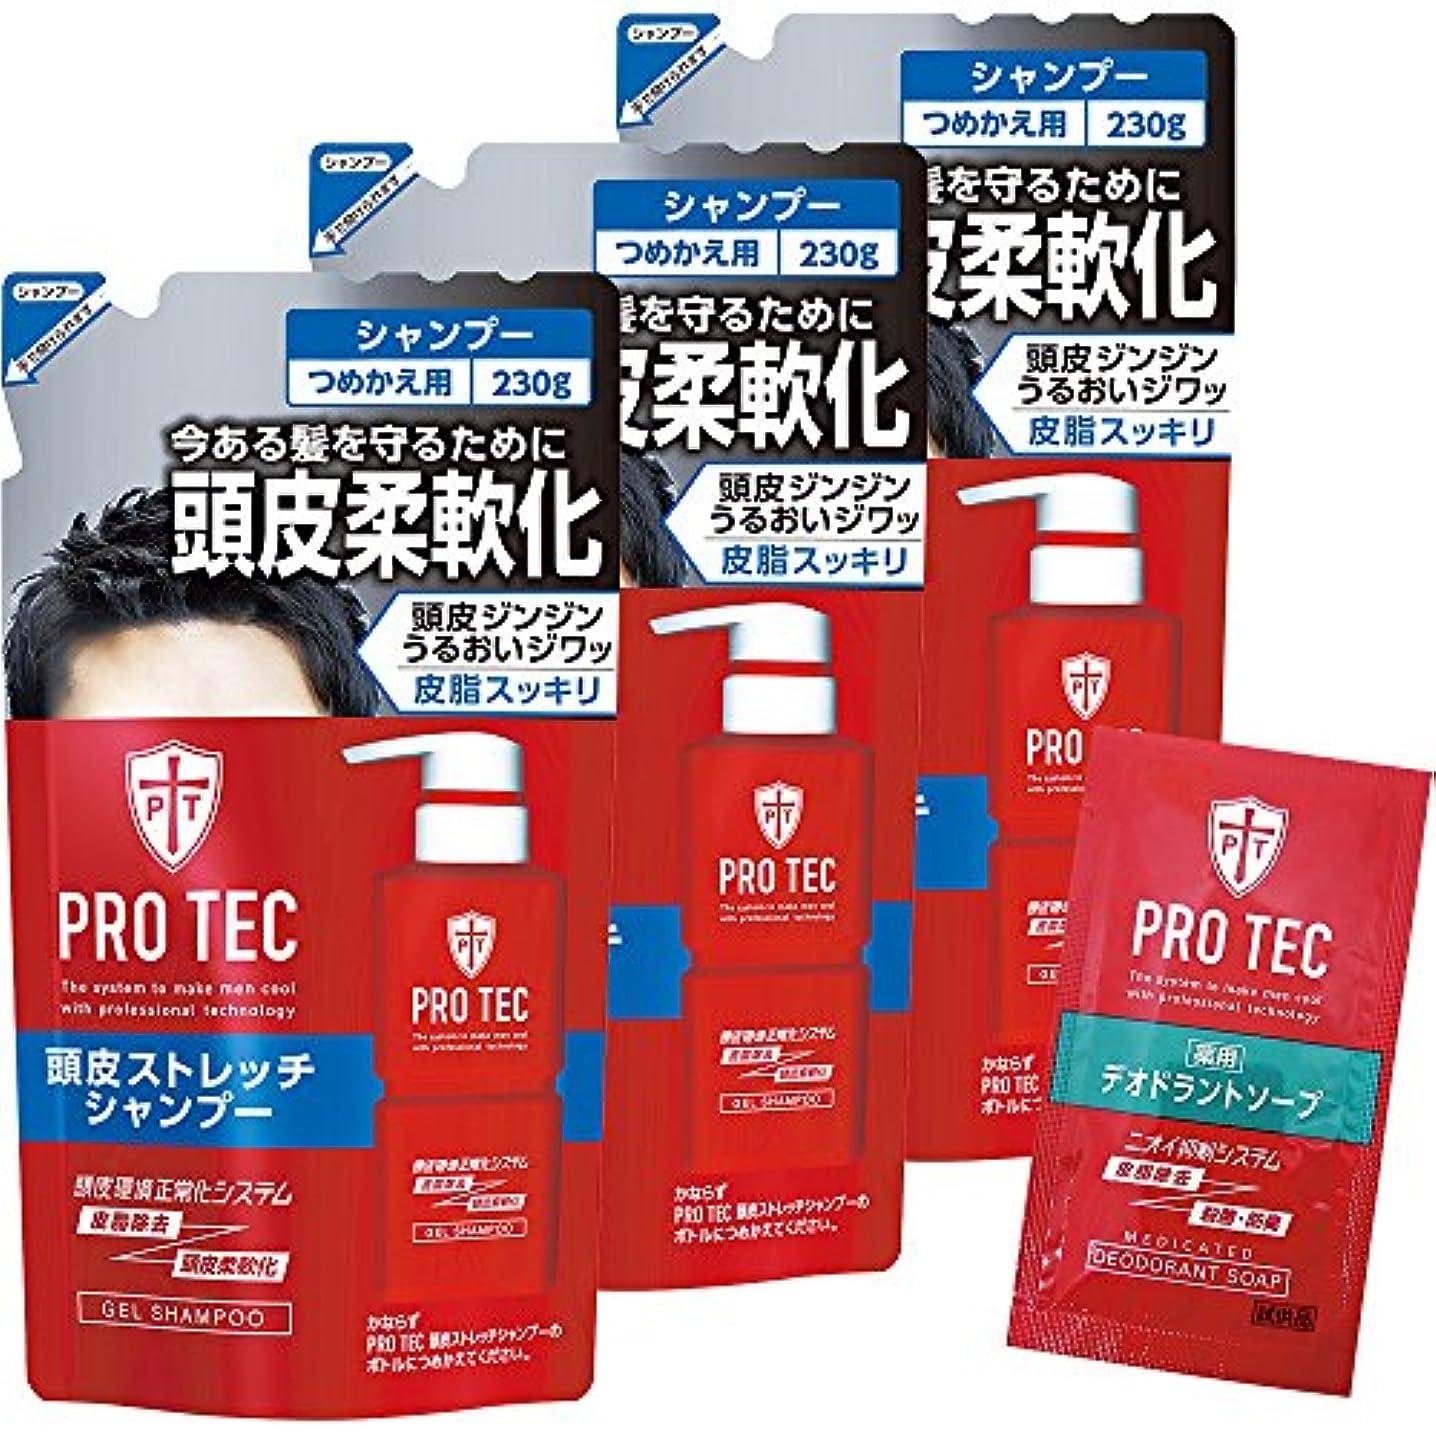 インポート麦芽懸念【Amazon.co.jp限定】PRO TEC(プロテク) 頭皮ストレッチ シャンプー 詰め替え (医薬部外品) 230g×3個パック+デオドラントソープ1回分付